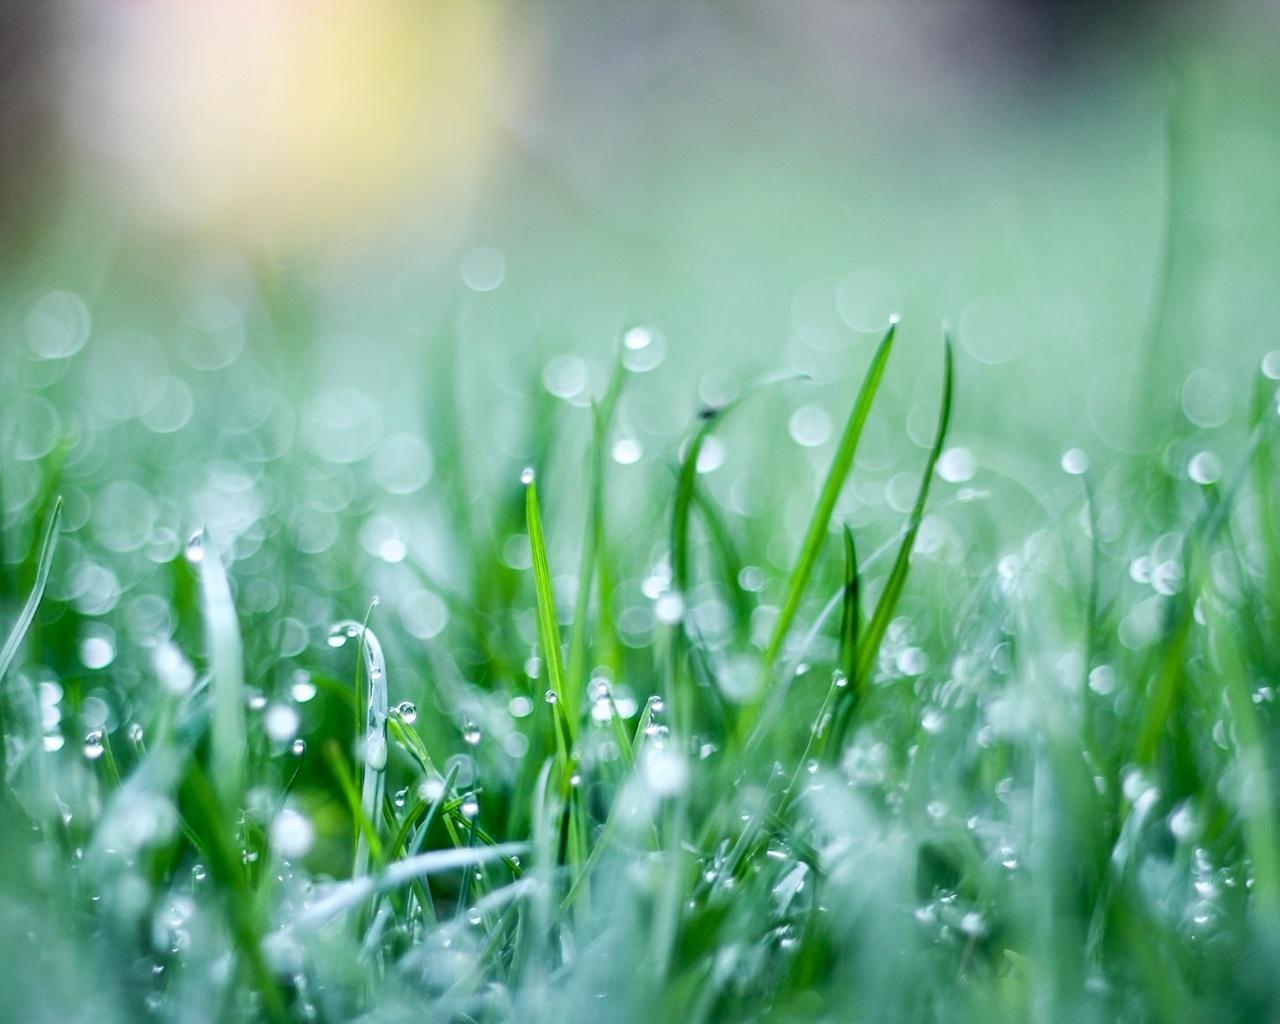 трава, травка, капли, Макро, зеленый, зелень, обои, фон